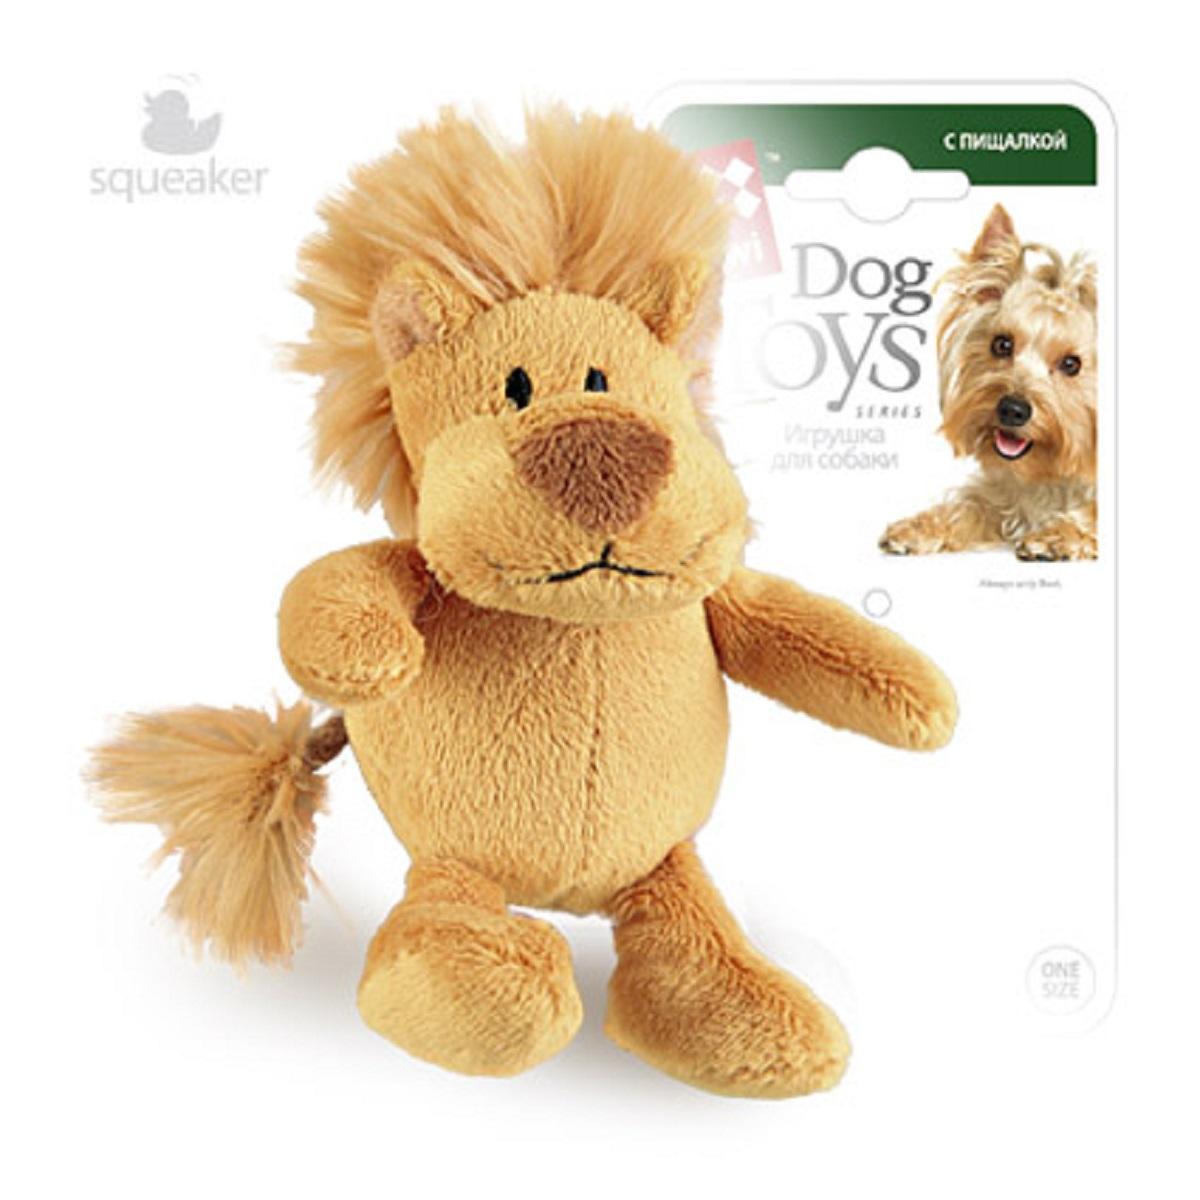 Игрушка для собак GiGwi Лев, с пищалкой, 10 см игрушка для собак gigwi мячи с пищалкой диаметр 4 см 3 шт 75340